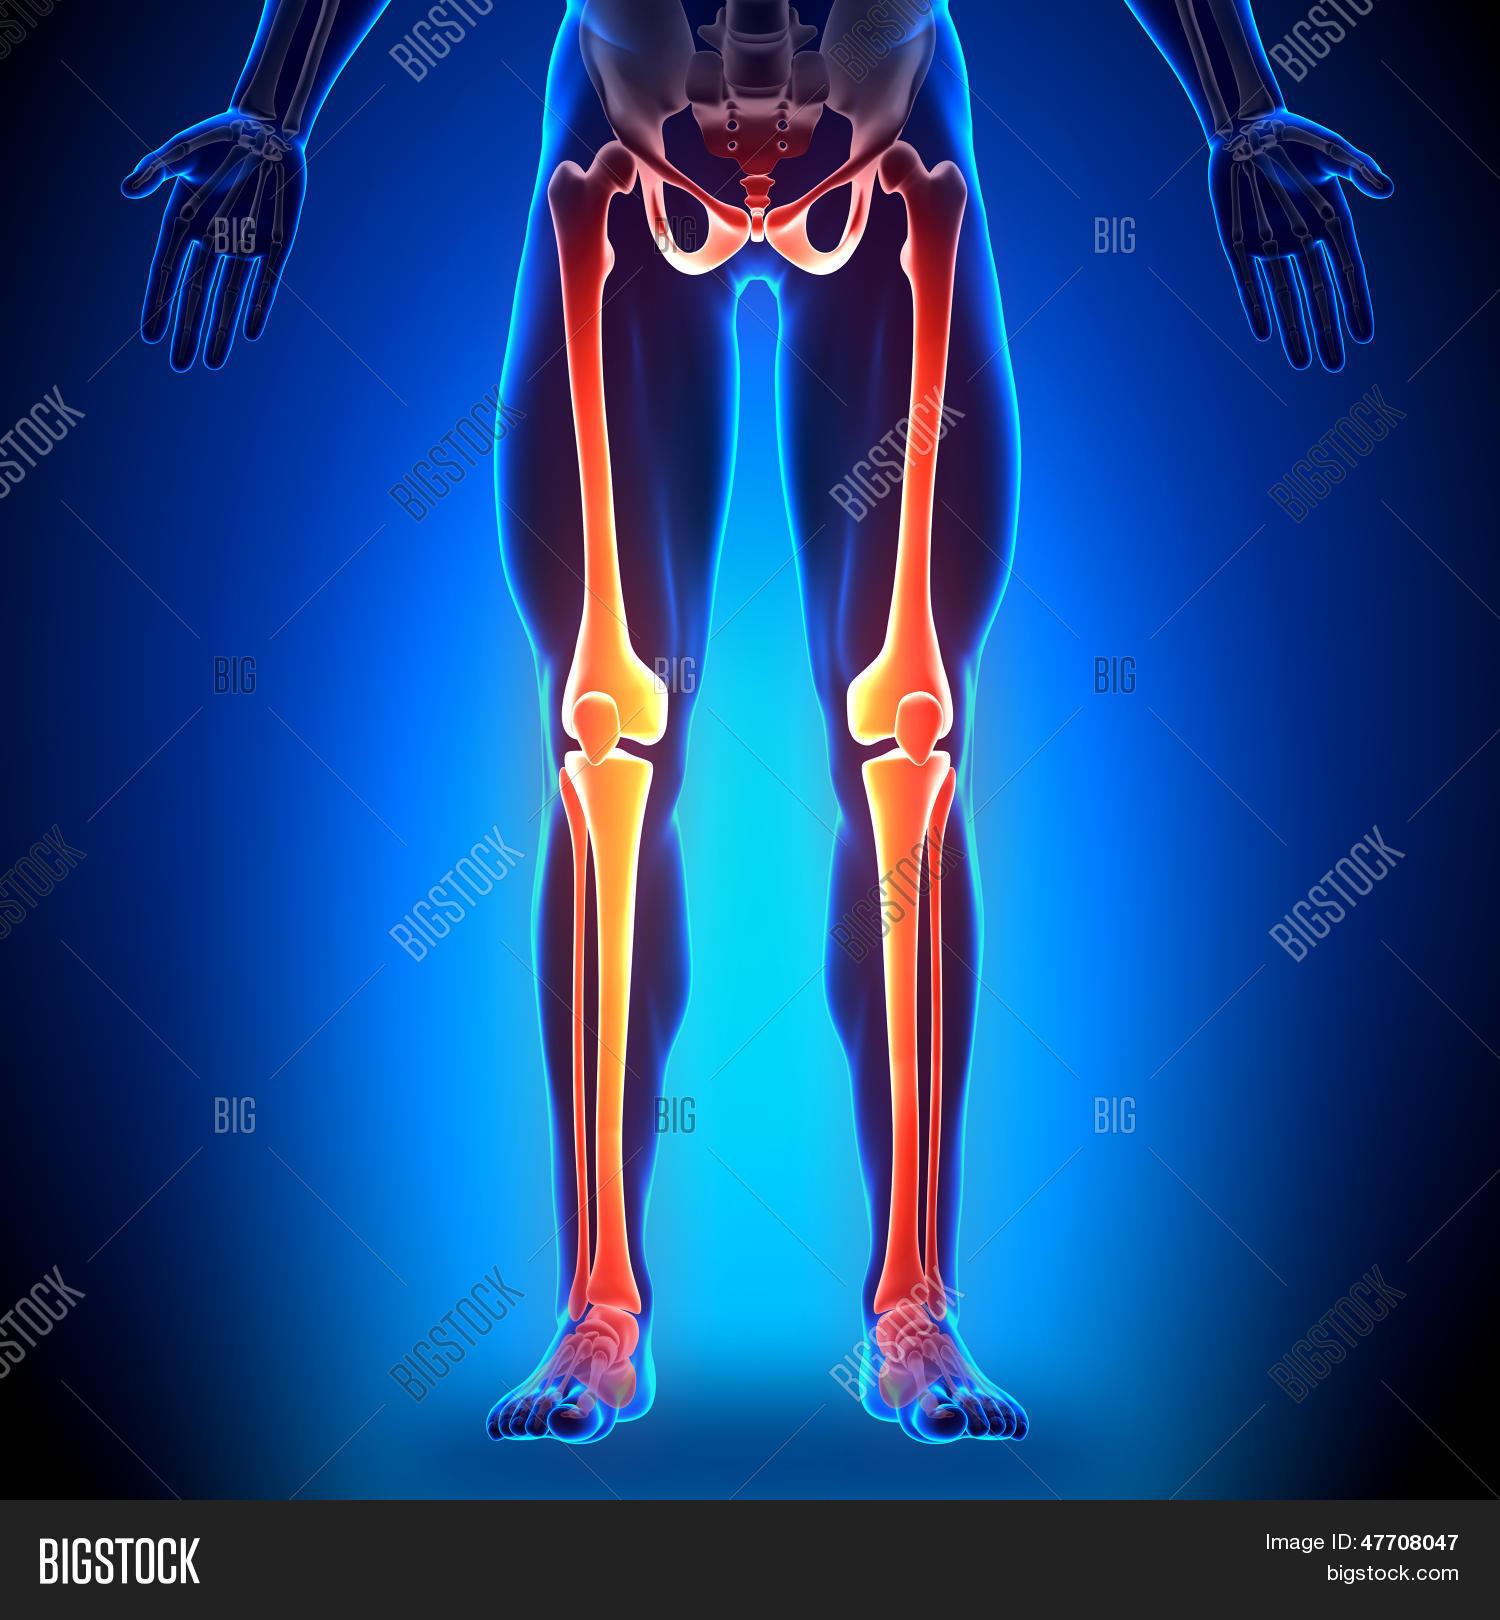 Imagen y foto Piernas - Huesos De (prueba gratis) | Bigstock